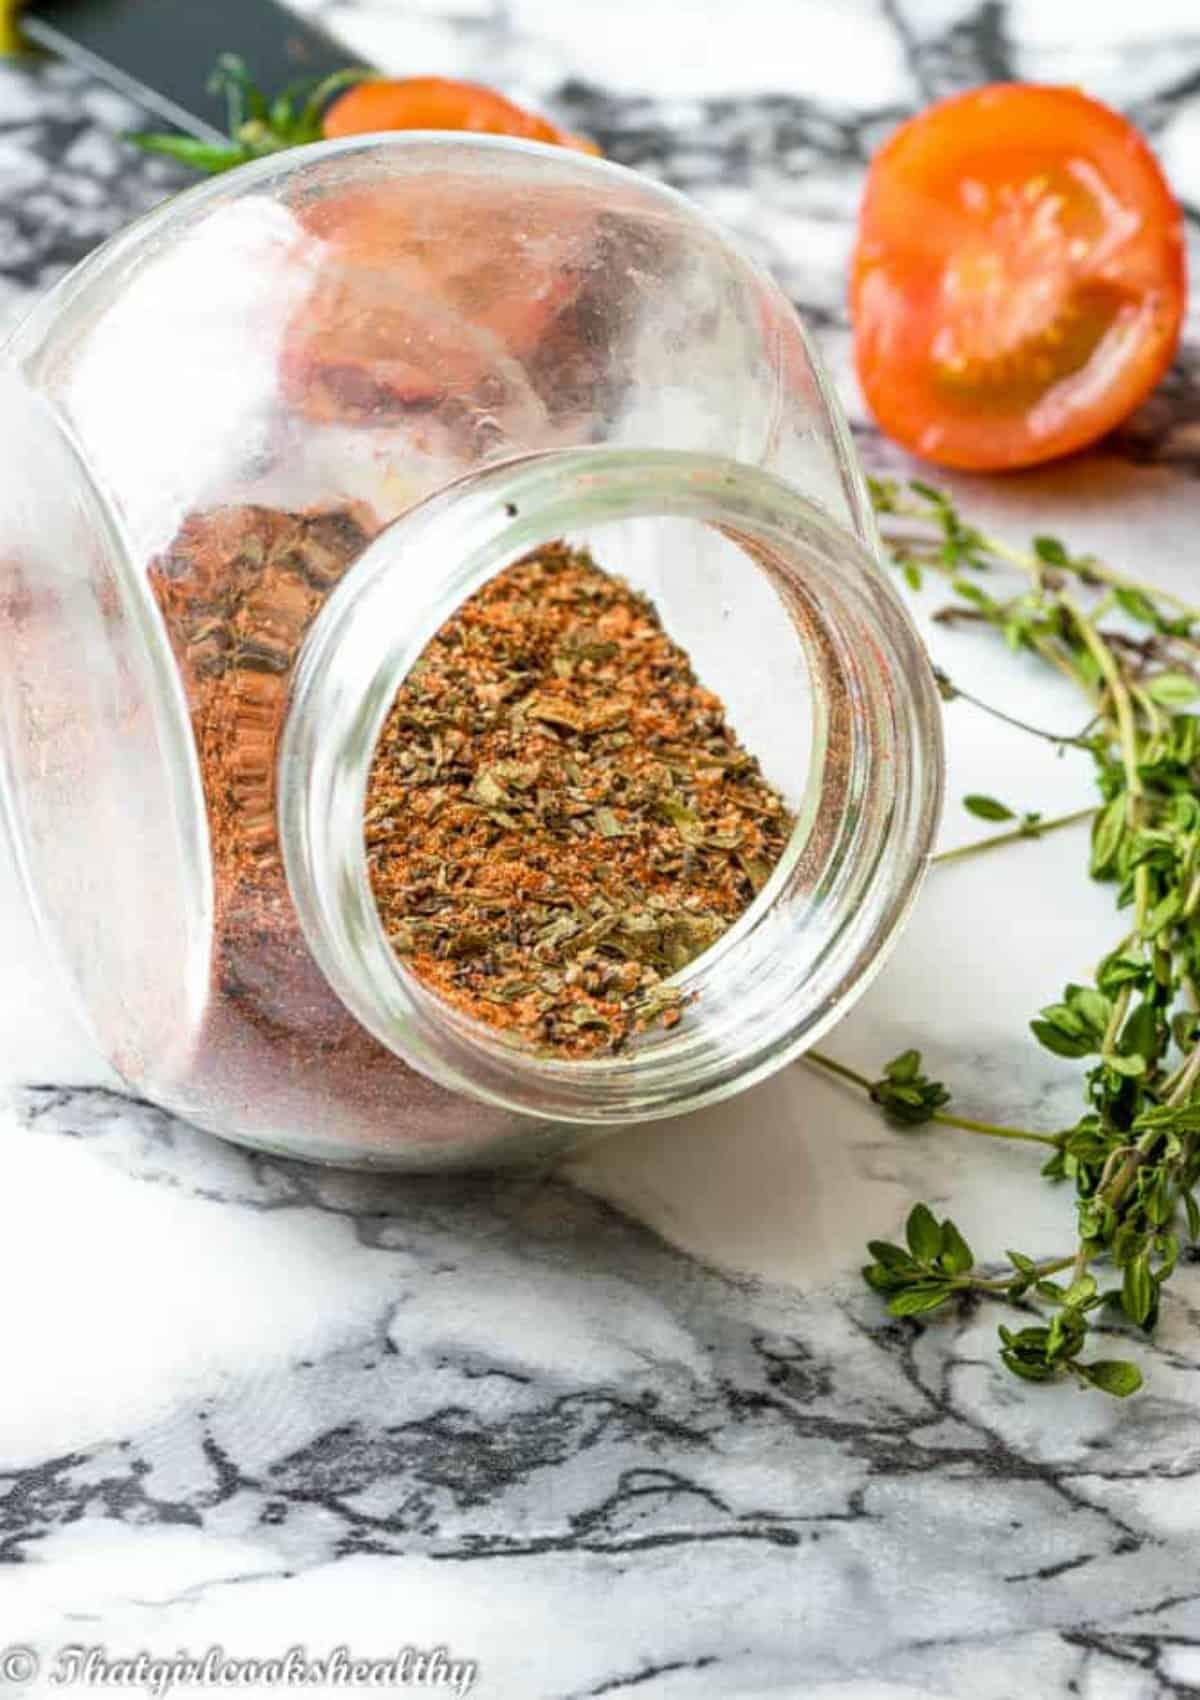 seasoning in an open jar